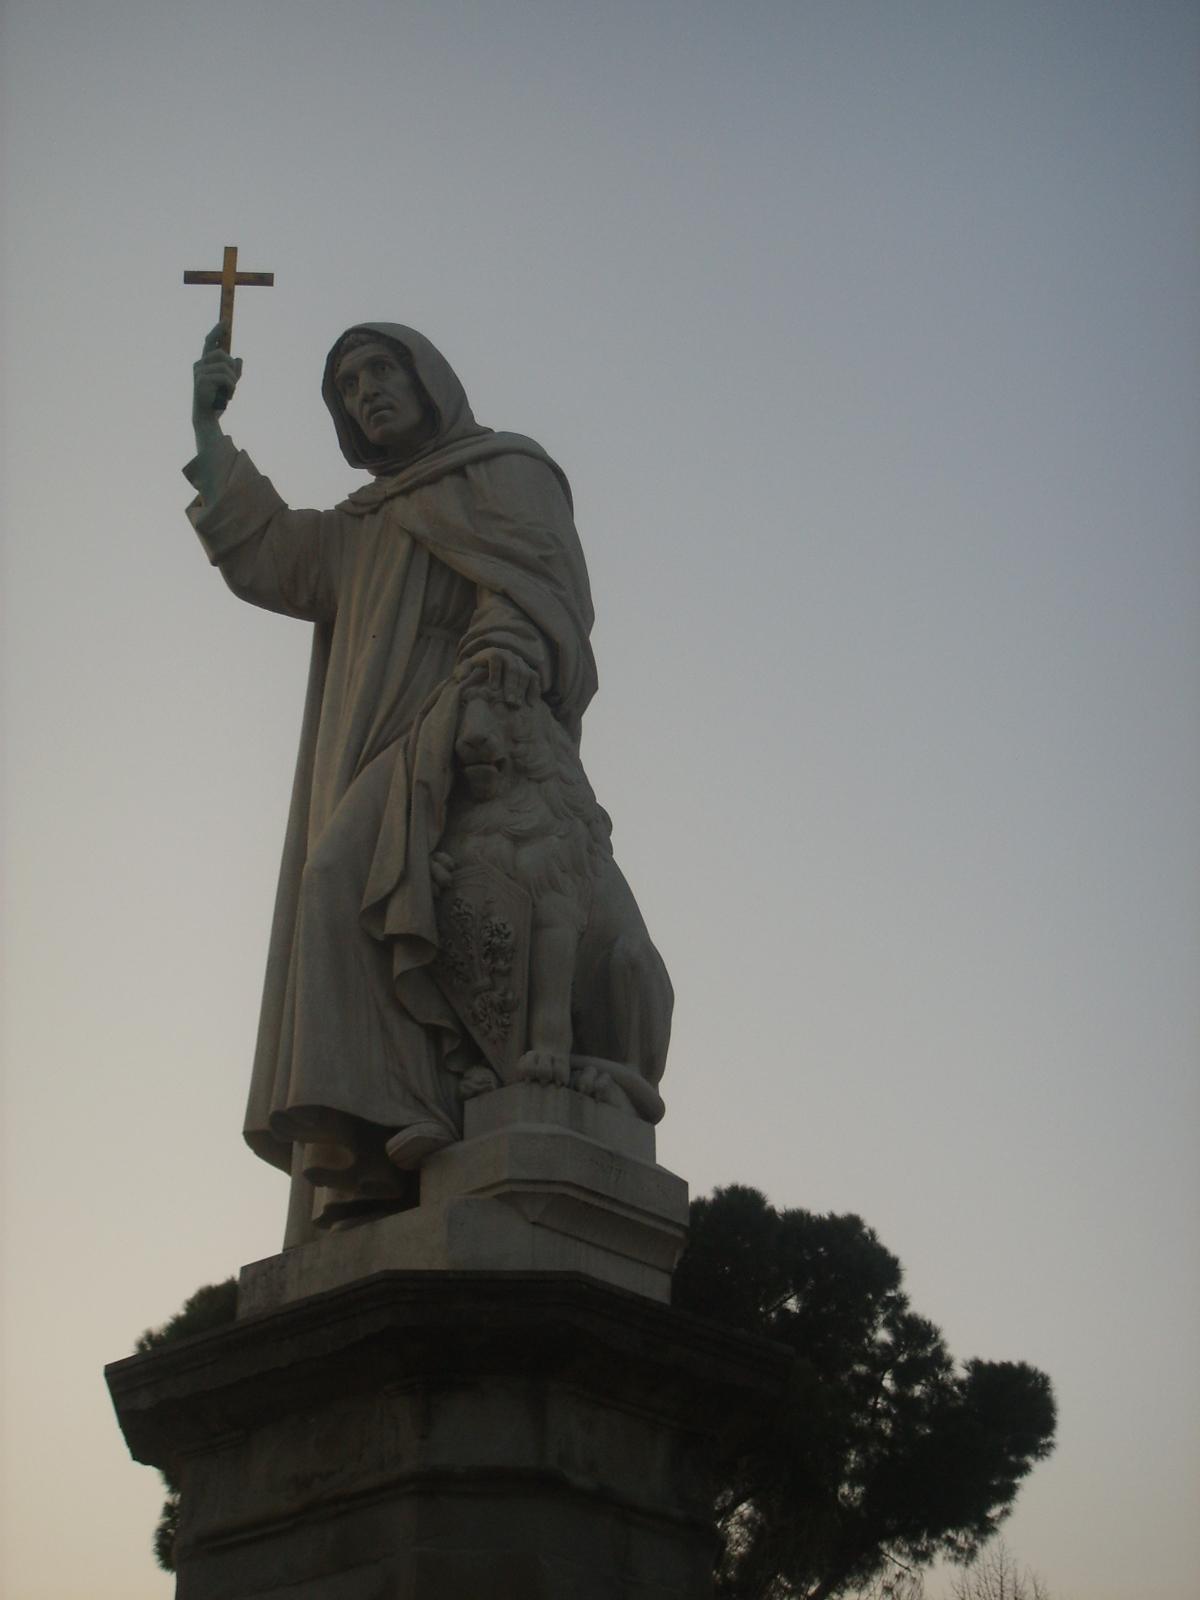 Monumento al frate domenicano in Piazza Savonarola a Firenze